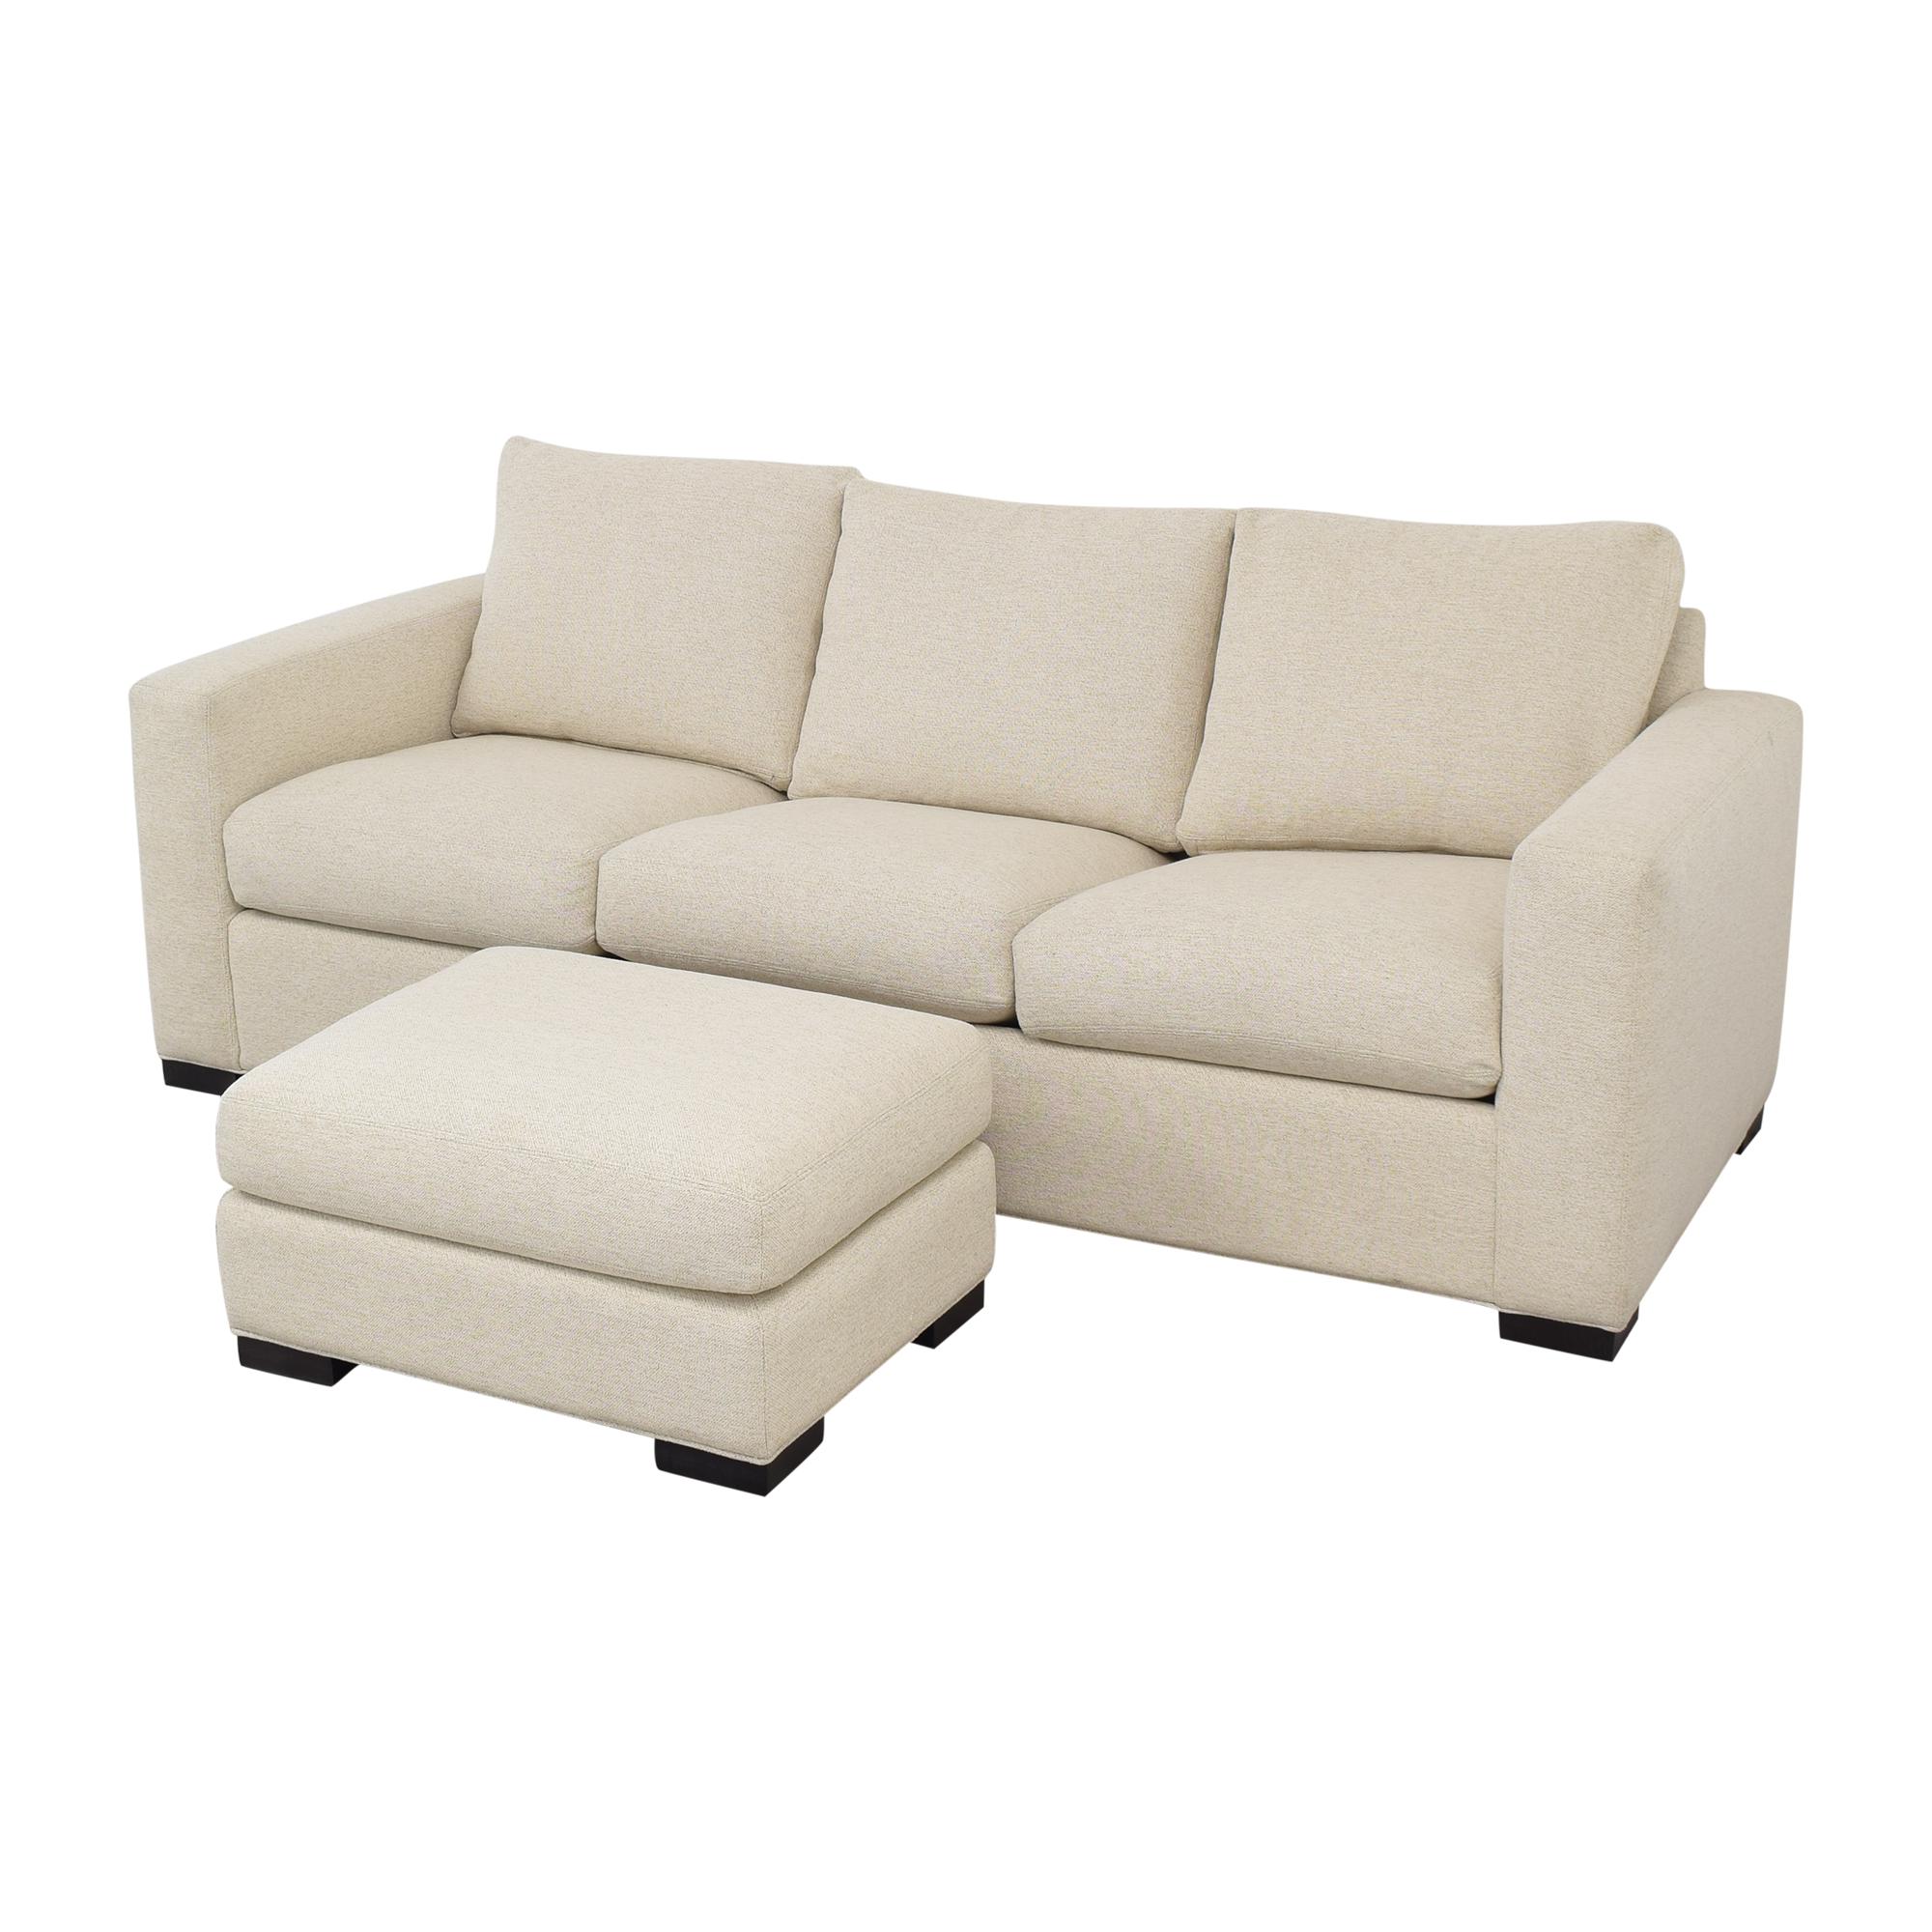 Room & Board Room & Board Queen Sleeper Sofa with Ottoman discount